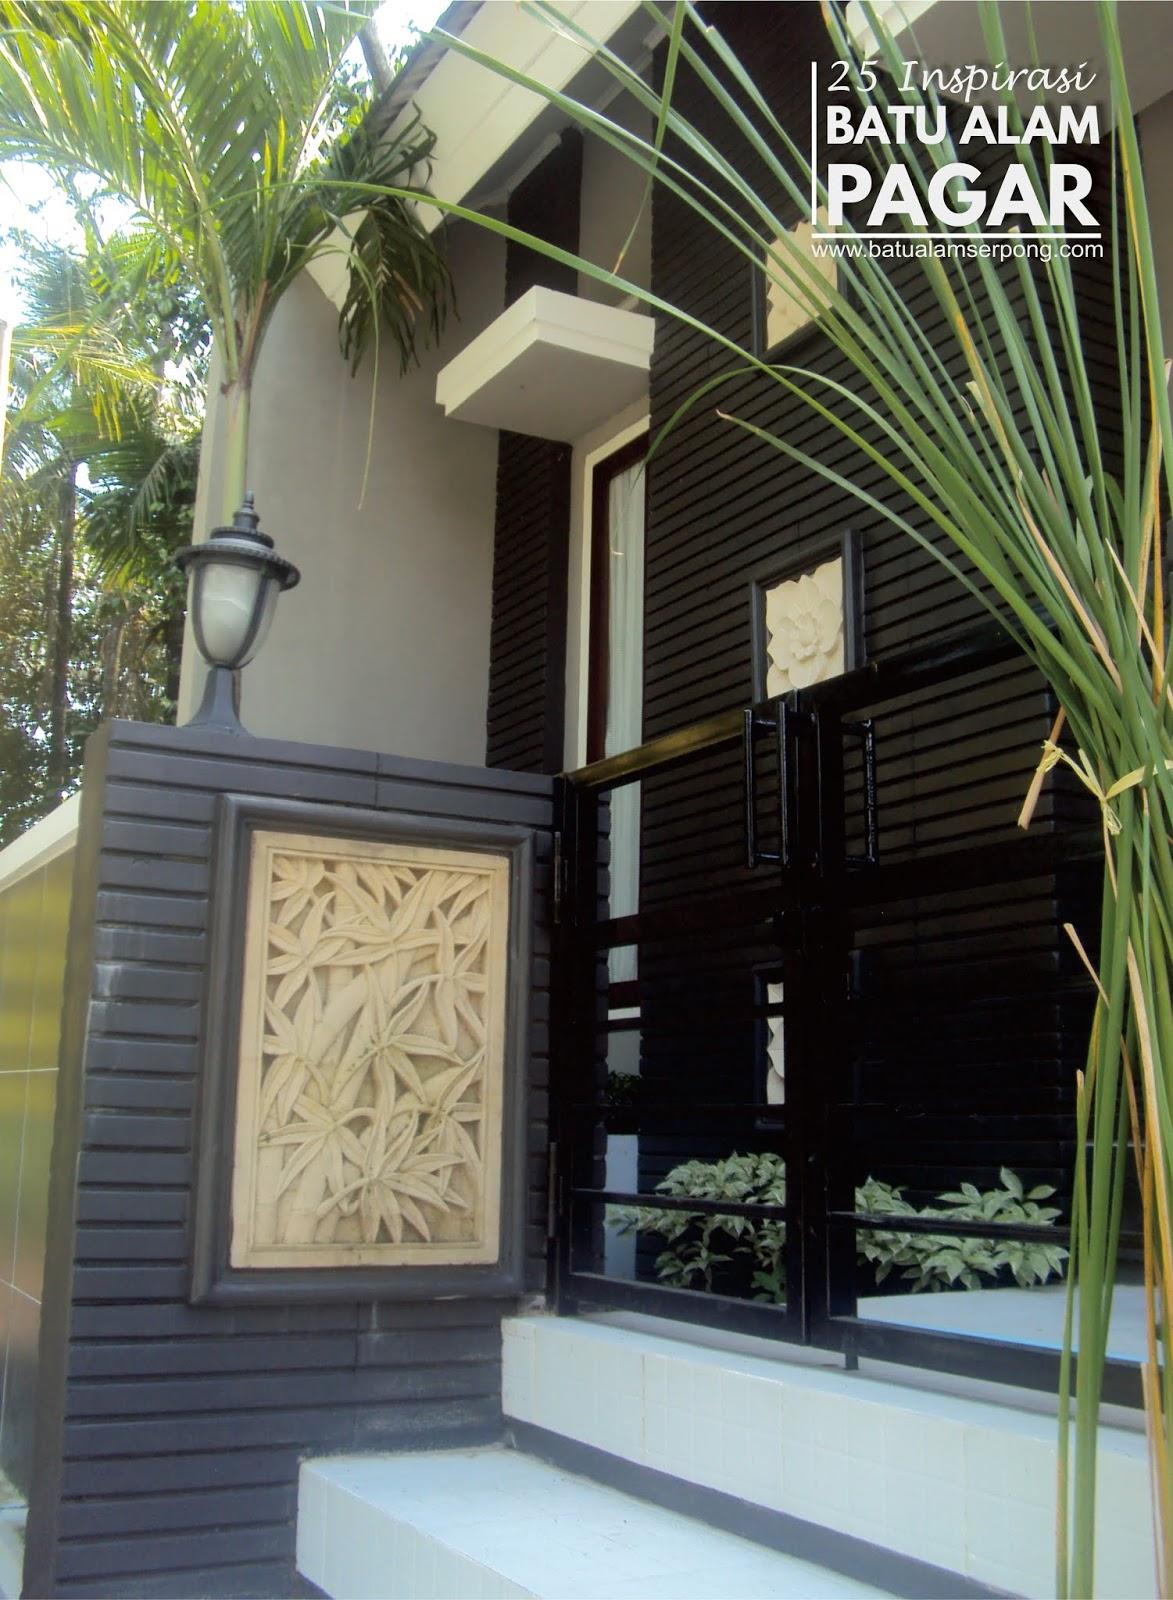 Pagar Rumah Batu Alam : pagar, rumah, PENGEN, INSPIRASI, DINDING, PAGAR, TERLENGKAP, DIJAKARTA